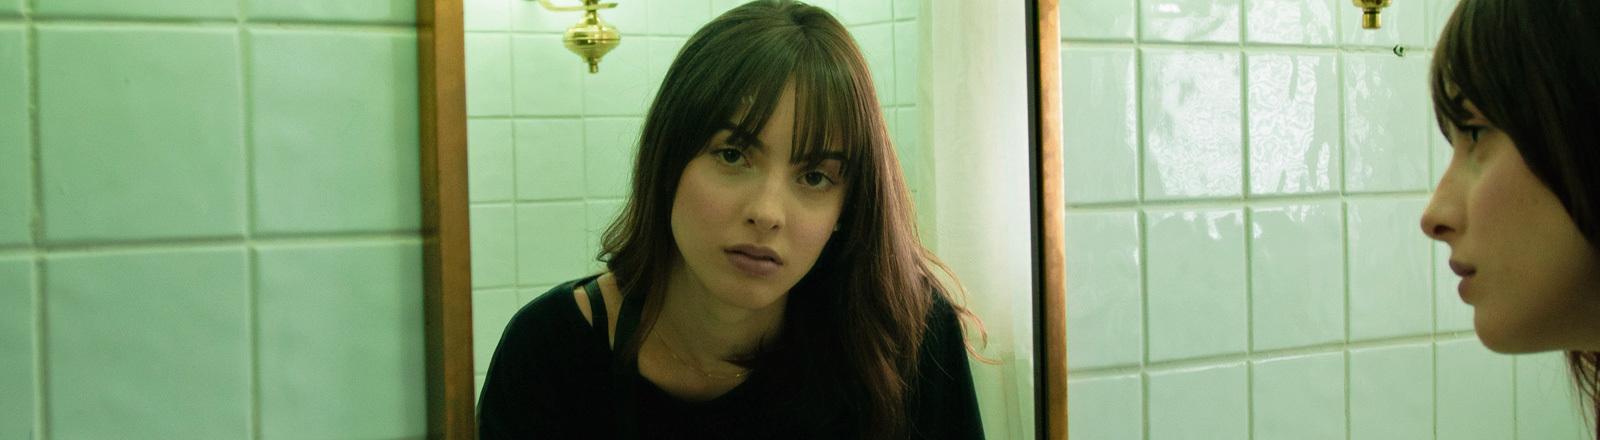 Eine Frau guckt in den Spiegel. Das Spiegelbild schaut gleichgültig.